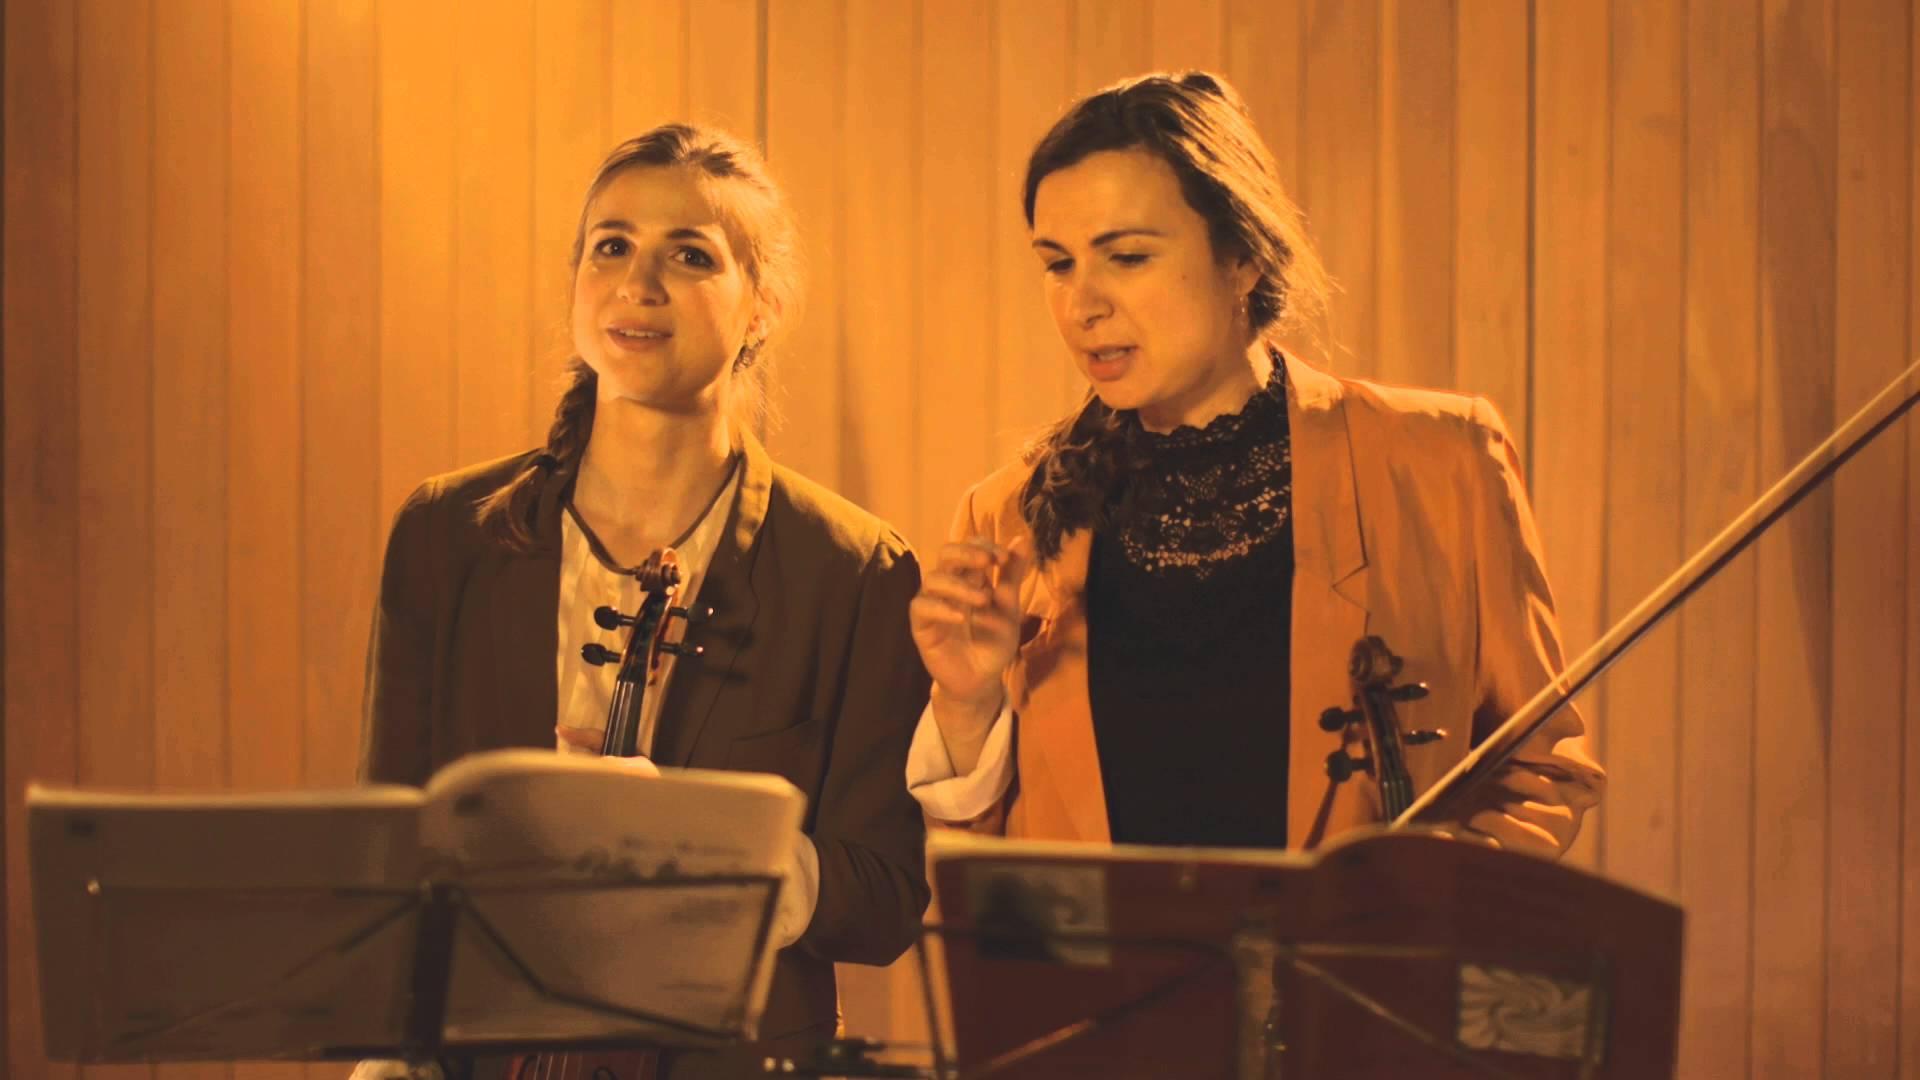 Deborah & Sarah Nemtanu falando sobre os 44 Duos de Bartók